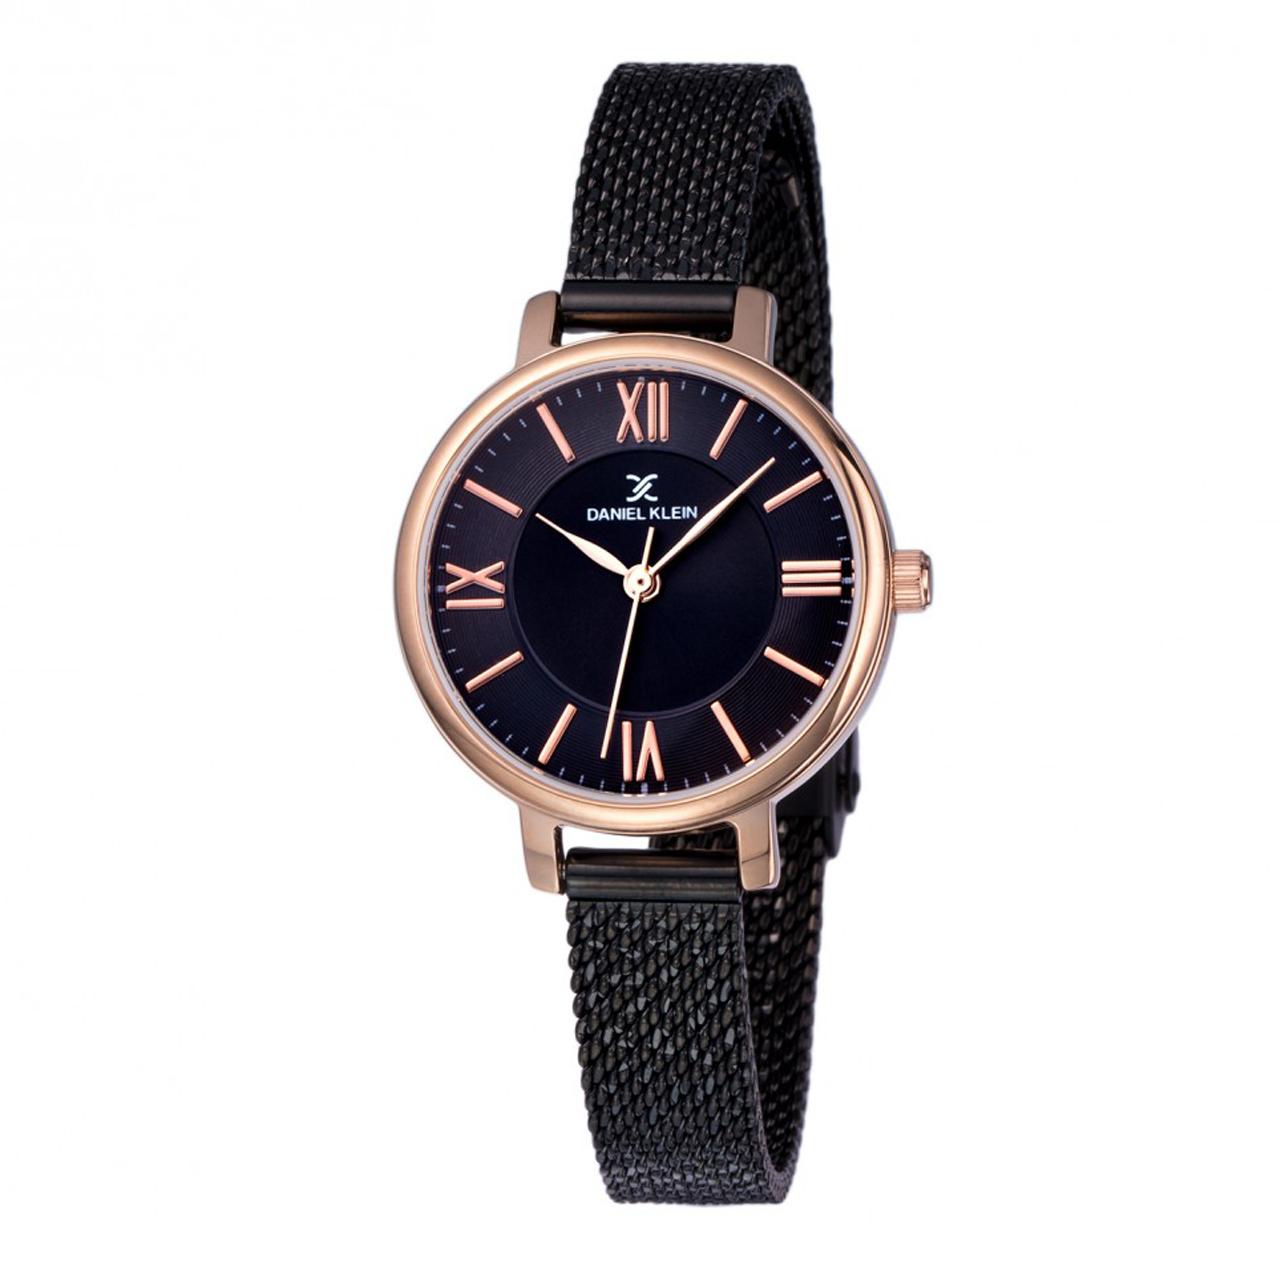 ساعت مچی عقربه ای زنانه دنیل کلین مدل DK11897-6 به همراه دستمال مخصوص برند کلین واچ